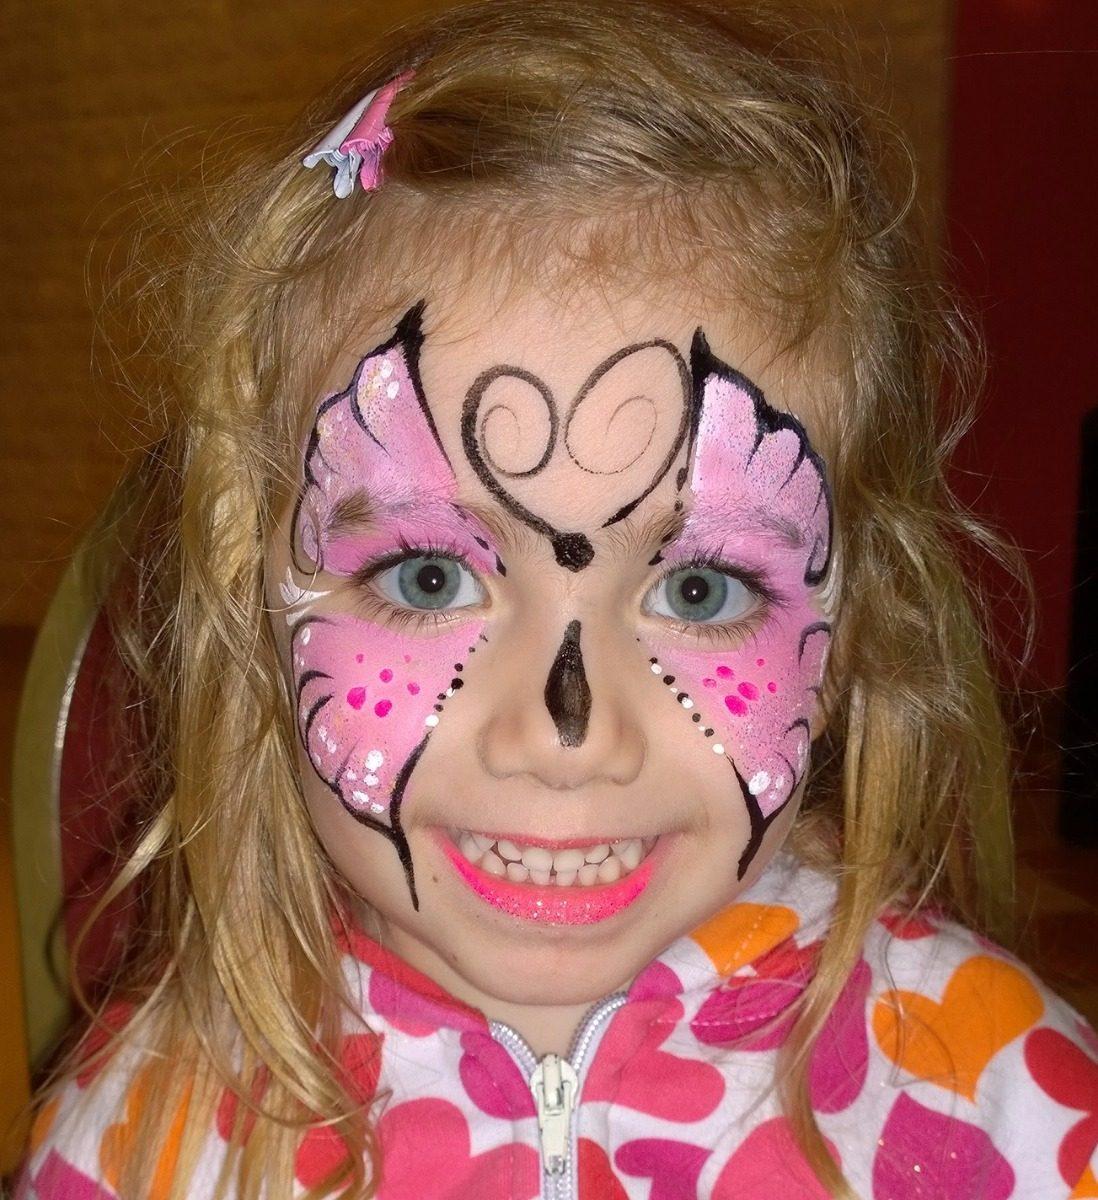 fd5999090 Maquillaje Artistico Infantil Y Adultos Fotos Reales - $ 850,00 en ...